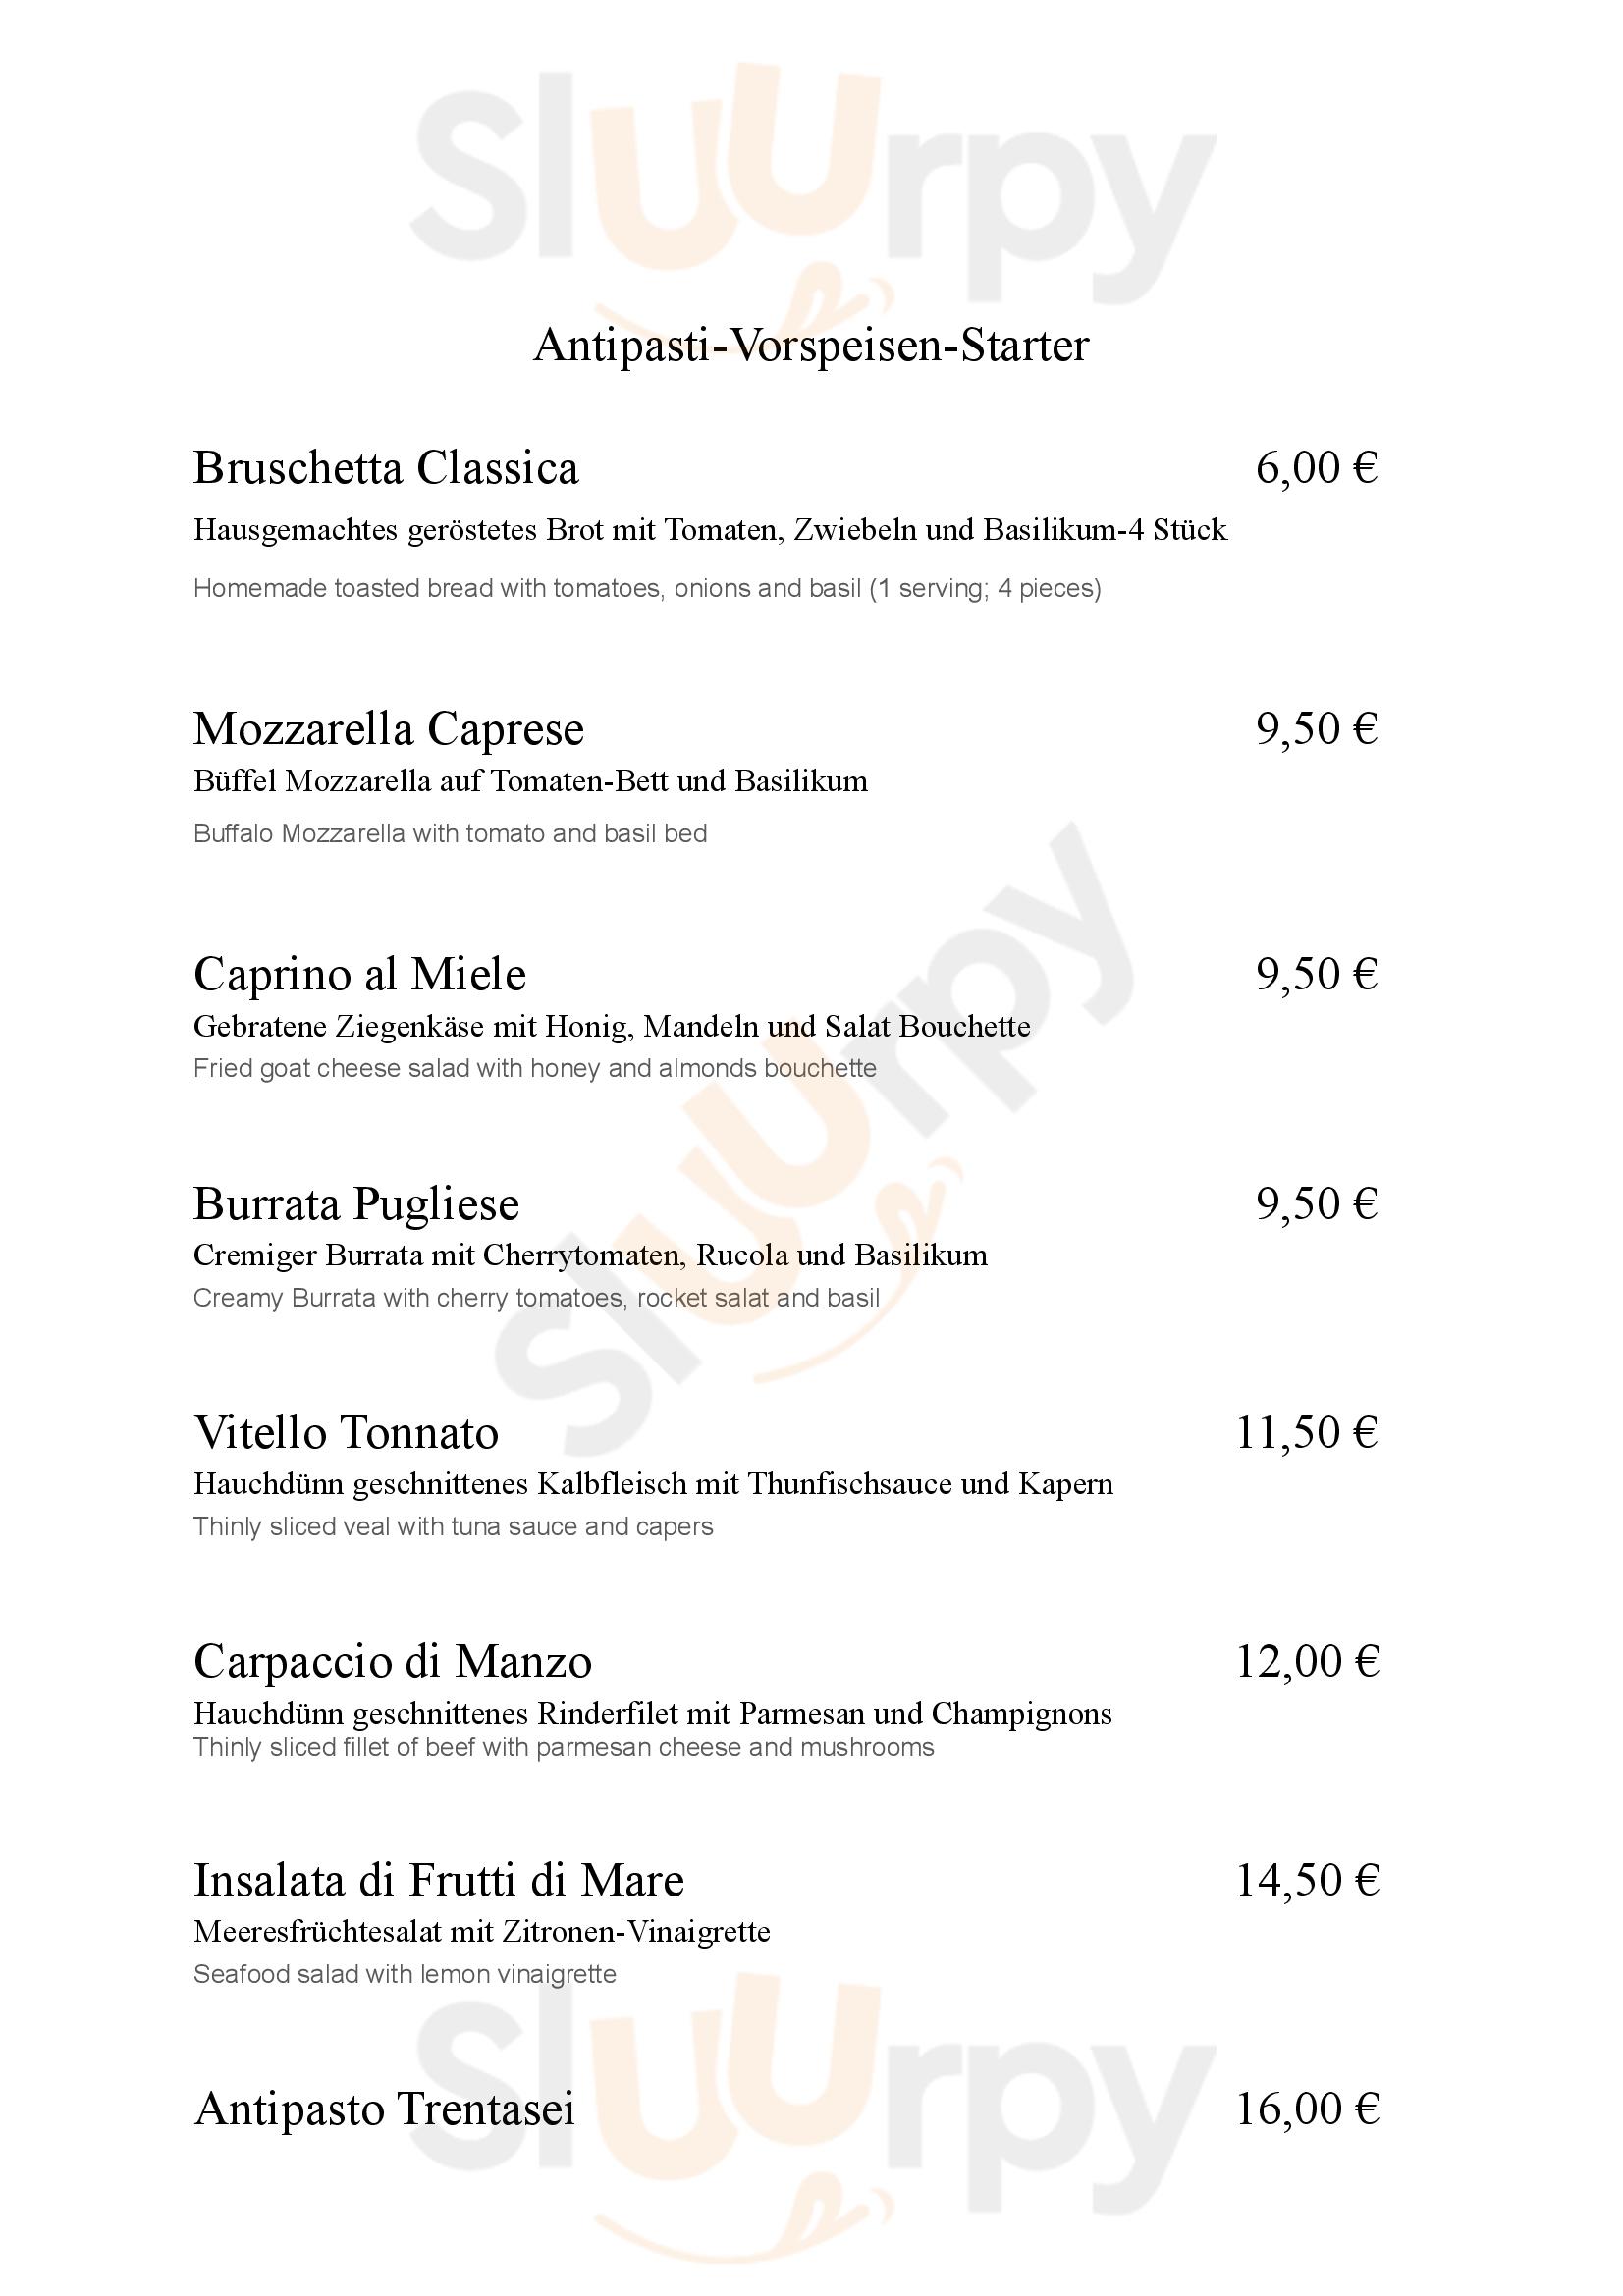 Trentasei Cucina Italiana Berlin Menu - 1